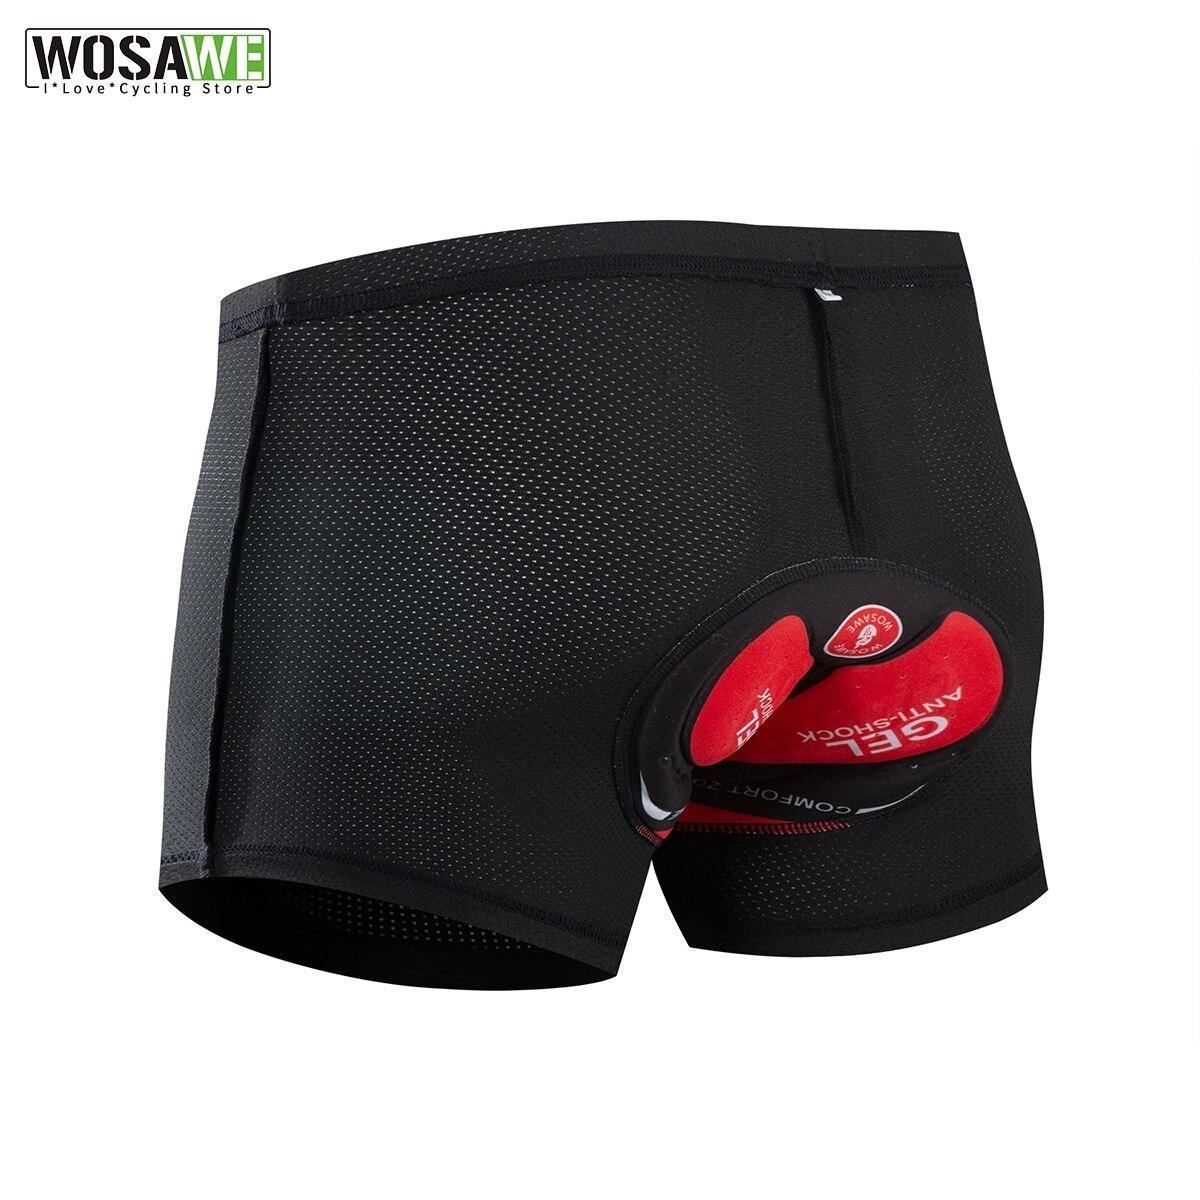 WOSAWE Mens Gel Pad Cycling Shorts MTB Bike Pants Bicycle Clothing Tights Summer